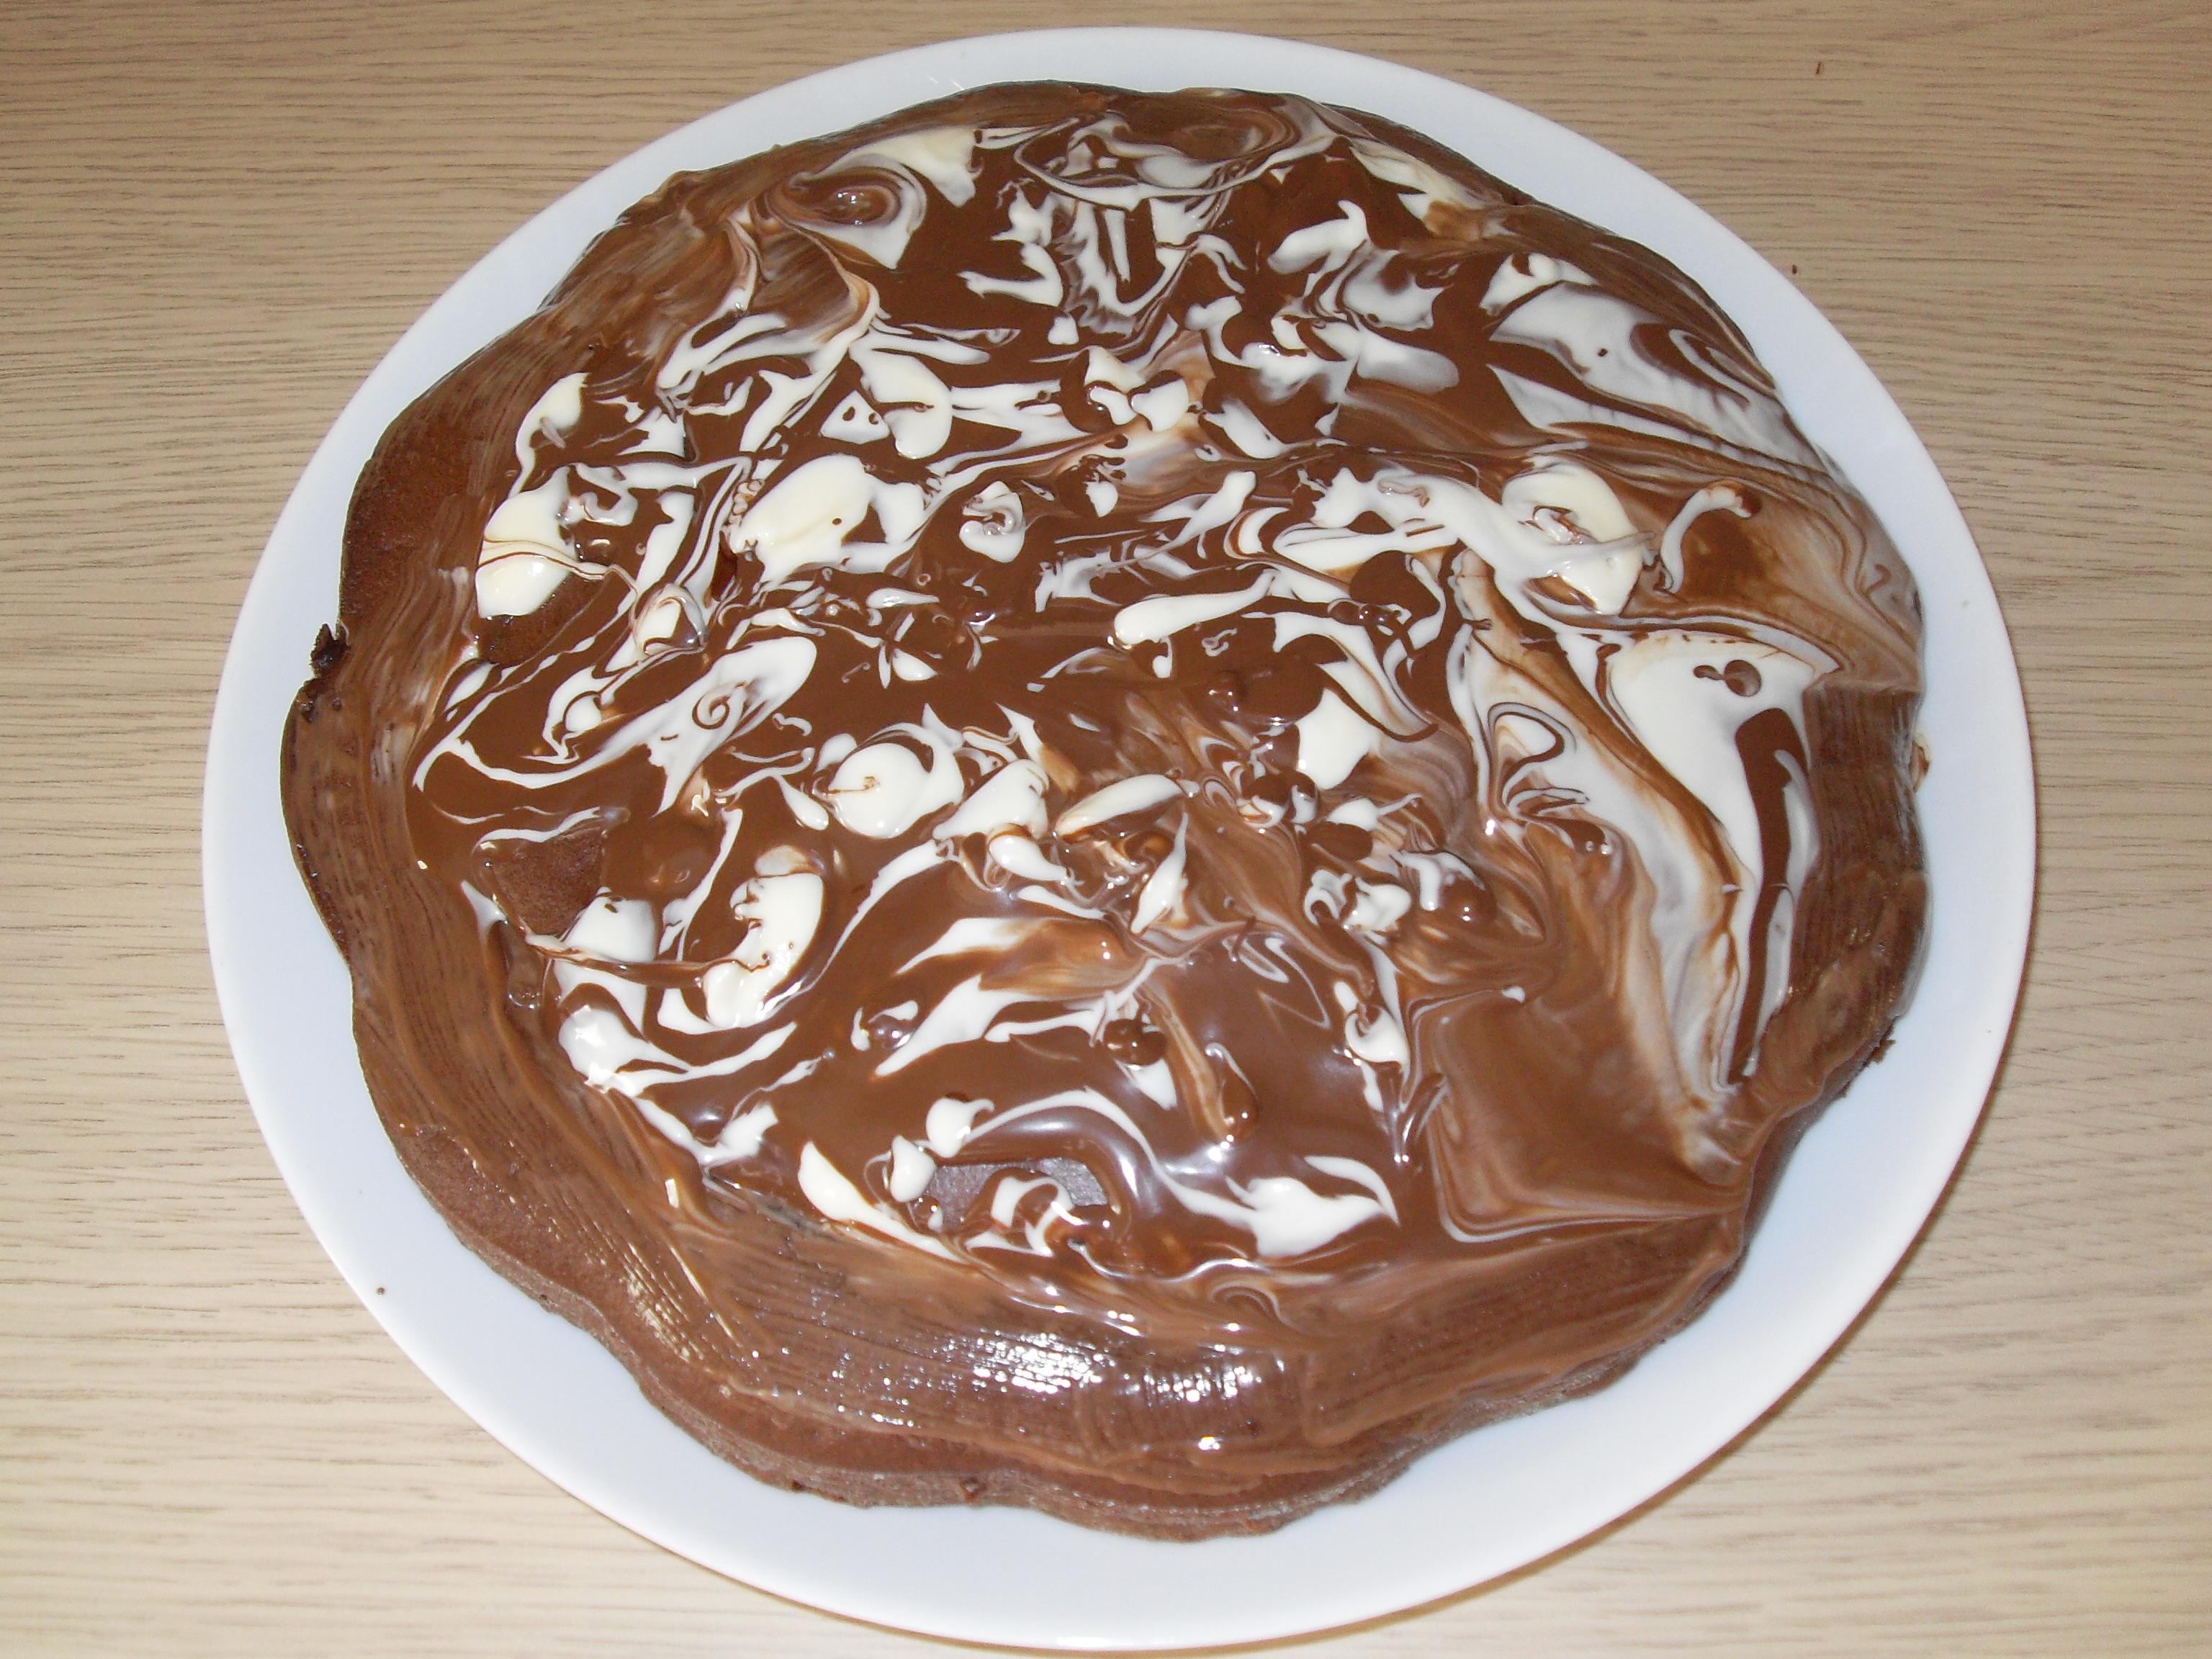 Festa della mamma: prepariamo la torta al cacao con glassa al cioccolato bianco e nero